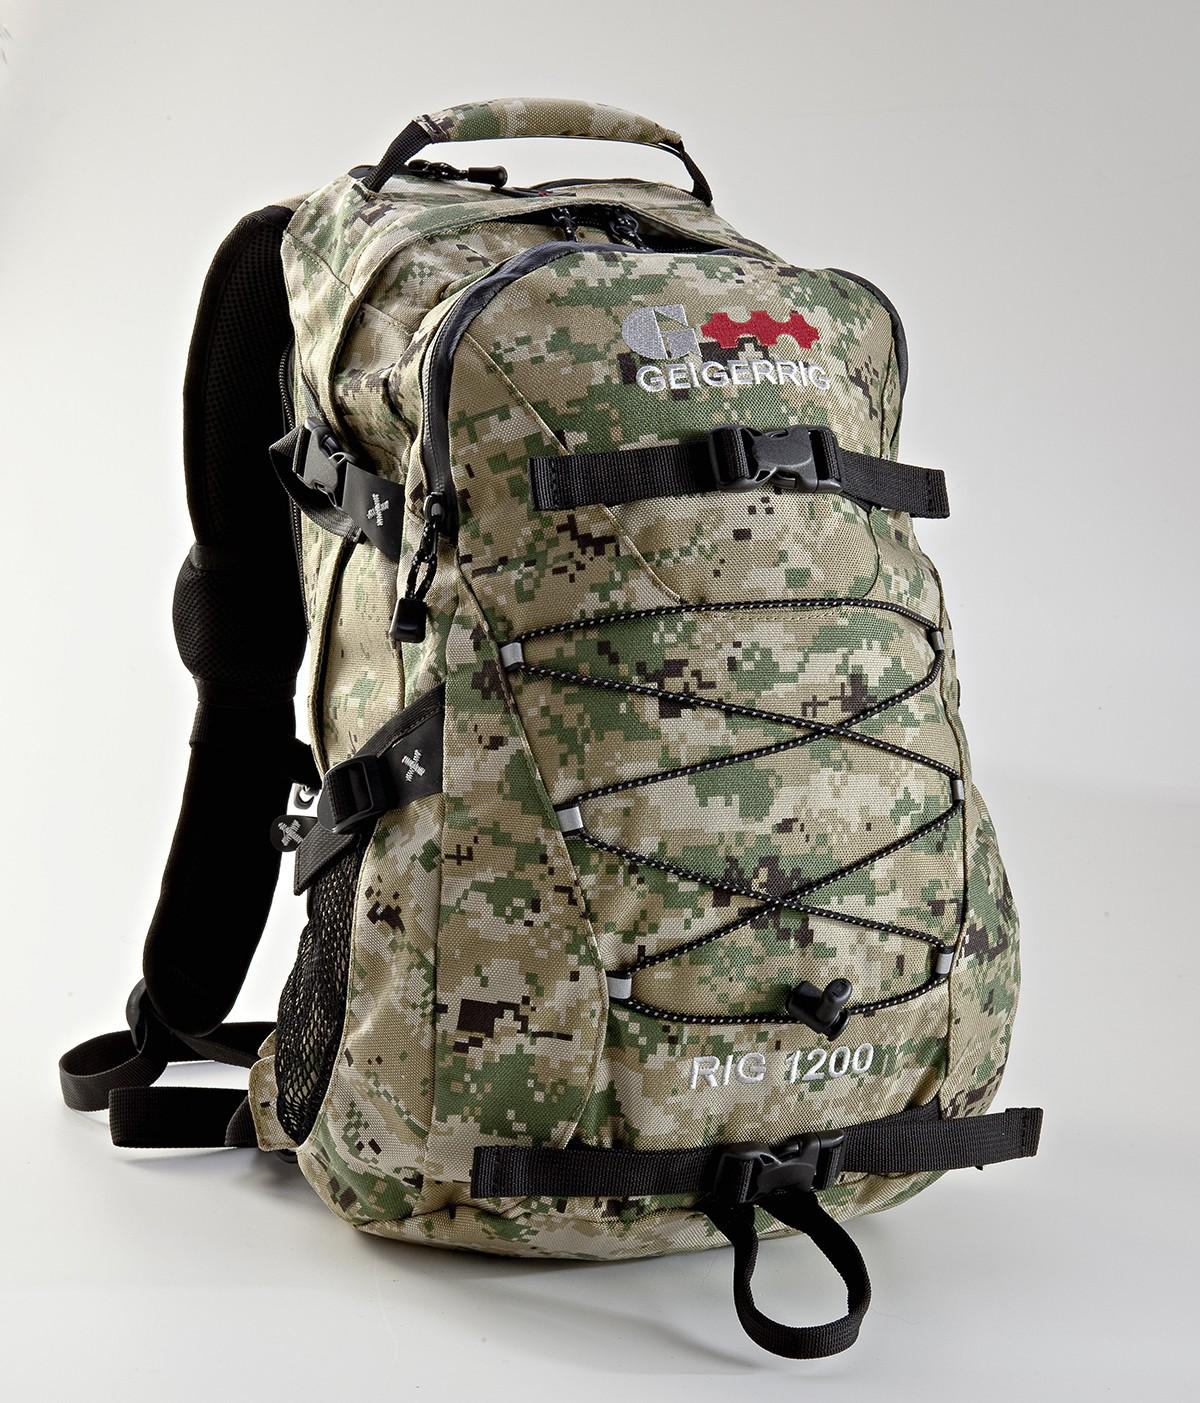 Gear: Geigerrig RIG 1200 Hydration System – backpackartist